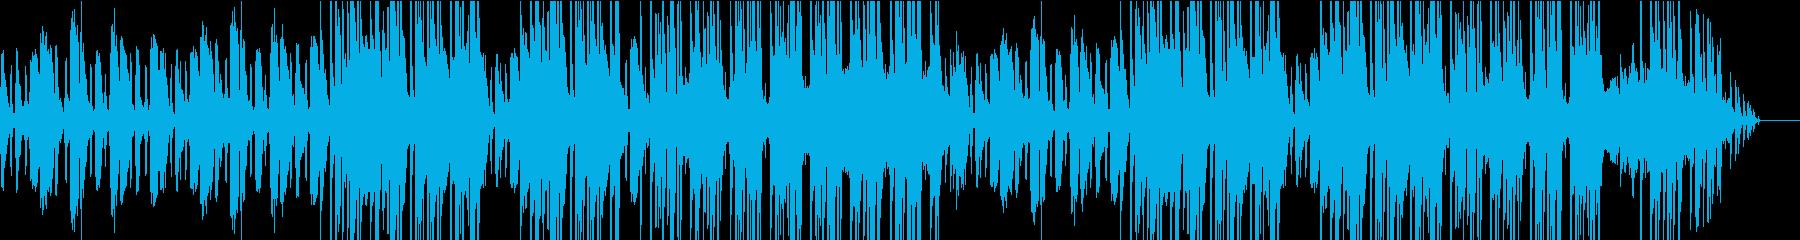 優しいストリングスとピアノが特徴的な曲の再生済みの波形